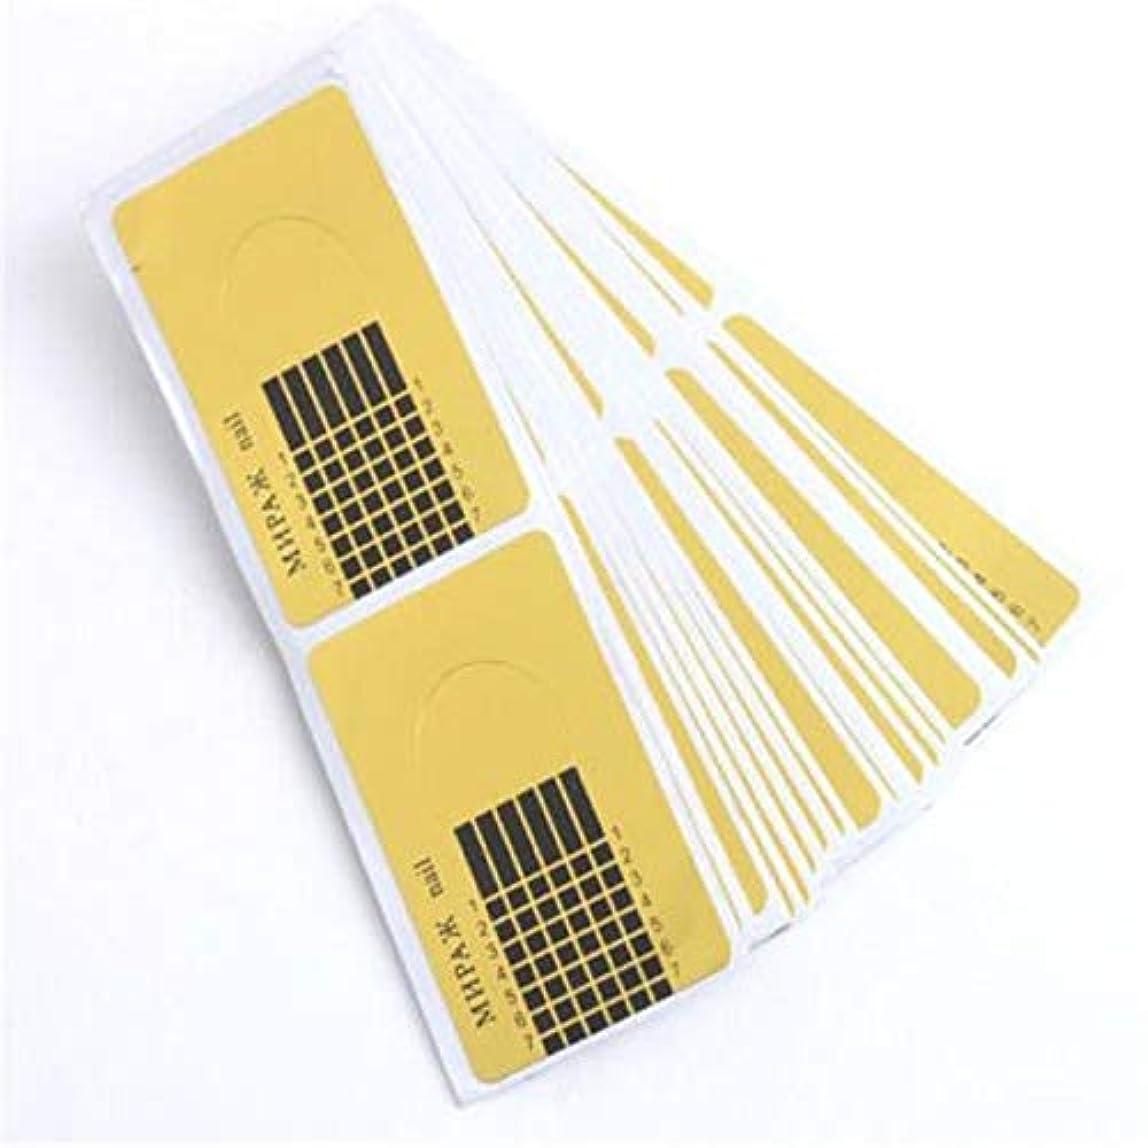 同じ退屈どんなときもYoshilimen 注目のデザイン100個新しいコンセプトゴールド昆虫タイプ指トリートメント爪サポートクリスタル特殊ホルダー(None golden)